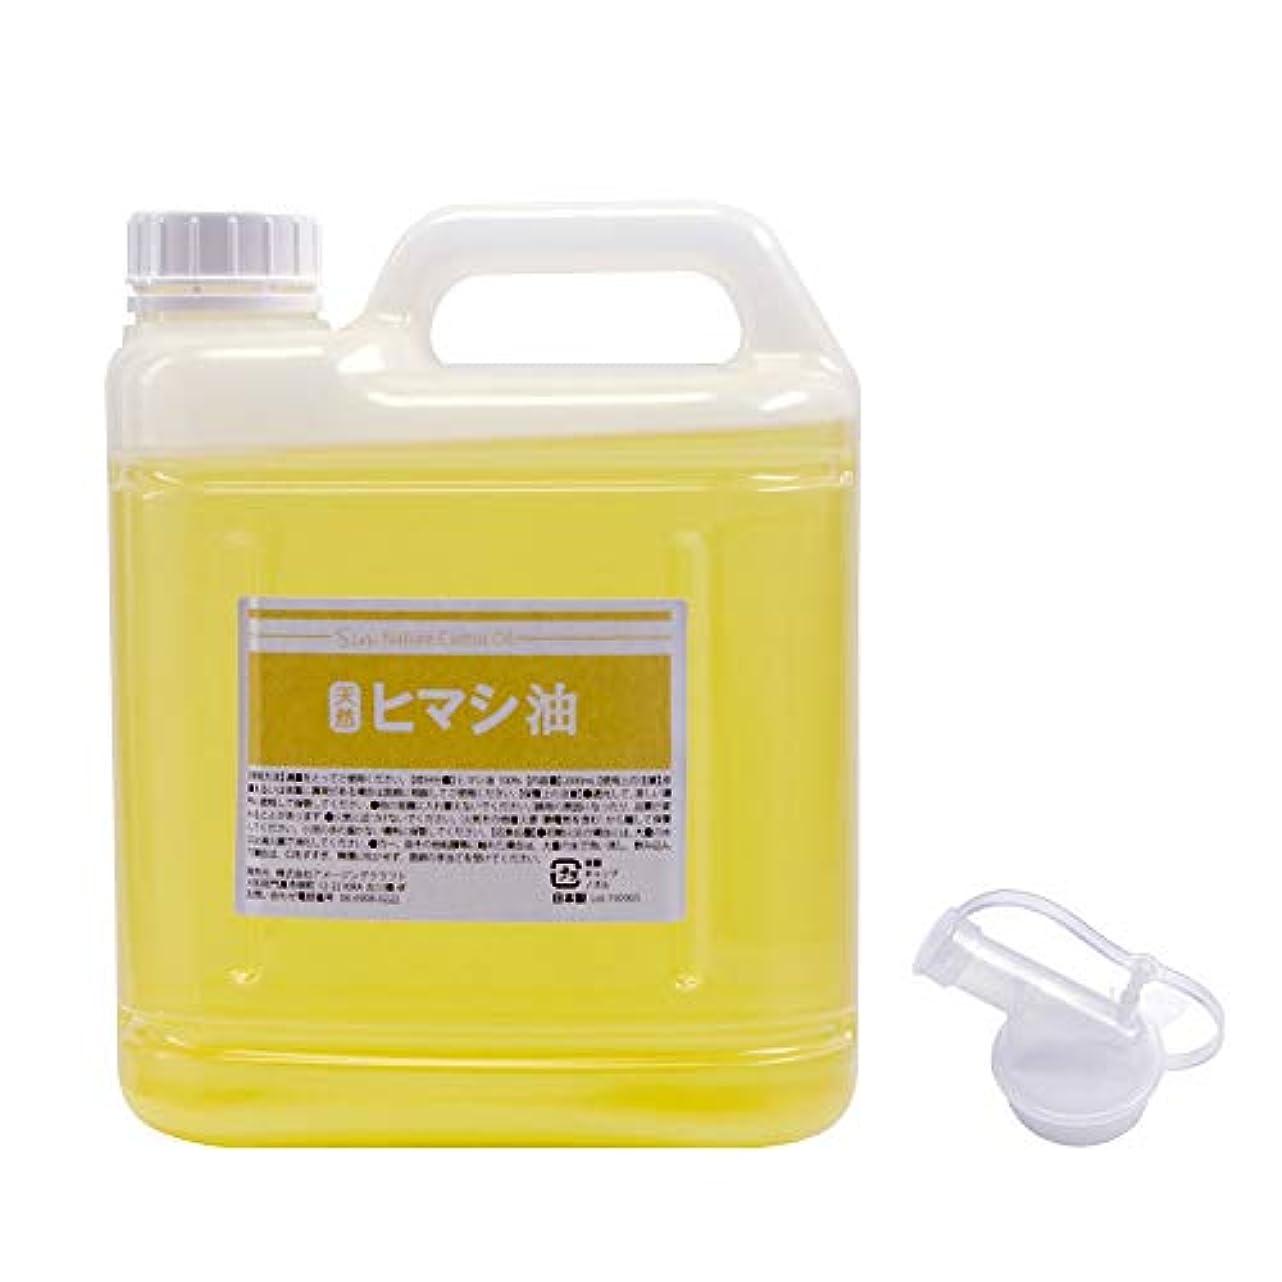 広範囲に二次ソファー天然無添加 国内精製ひまし油 (キャスターオイル) 2000ml 2L